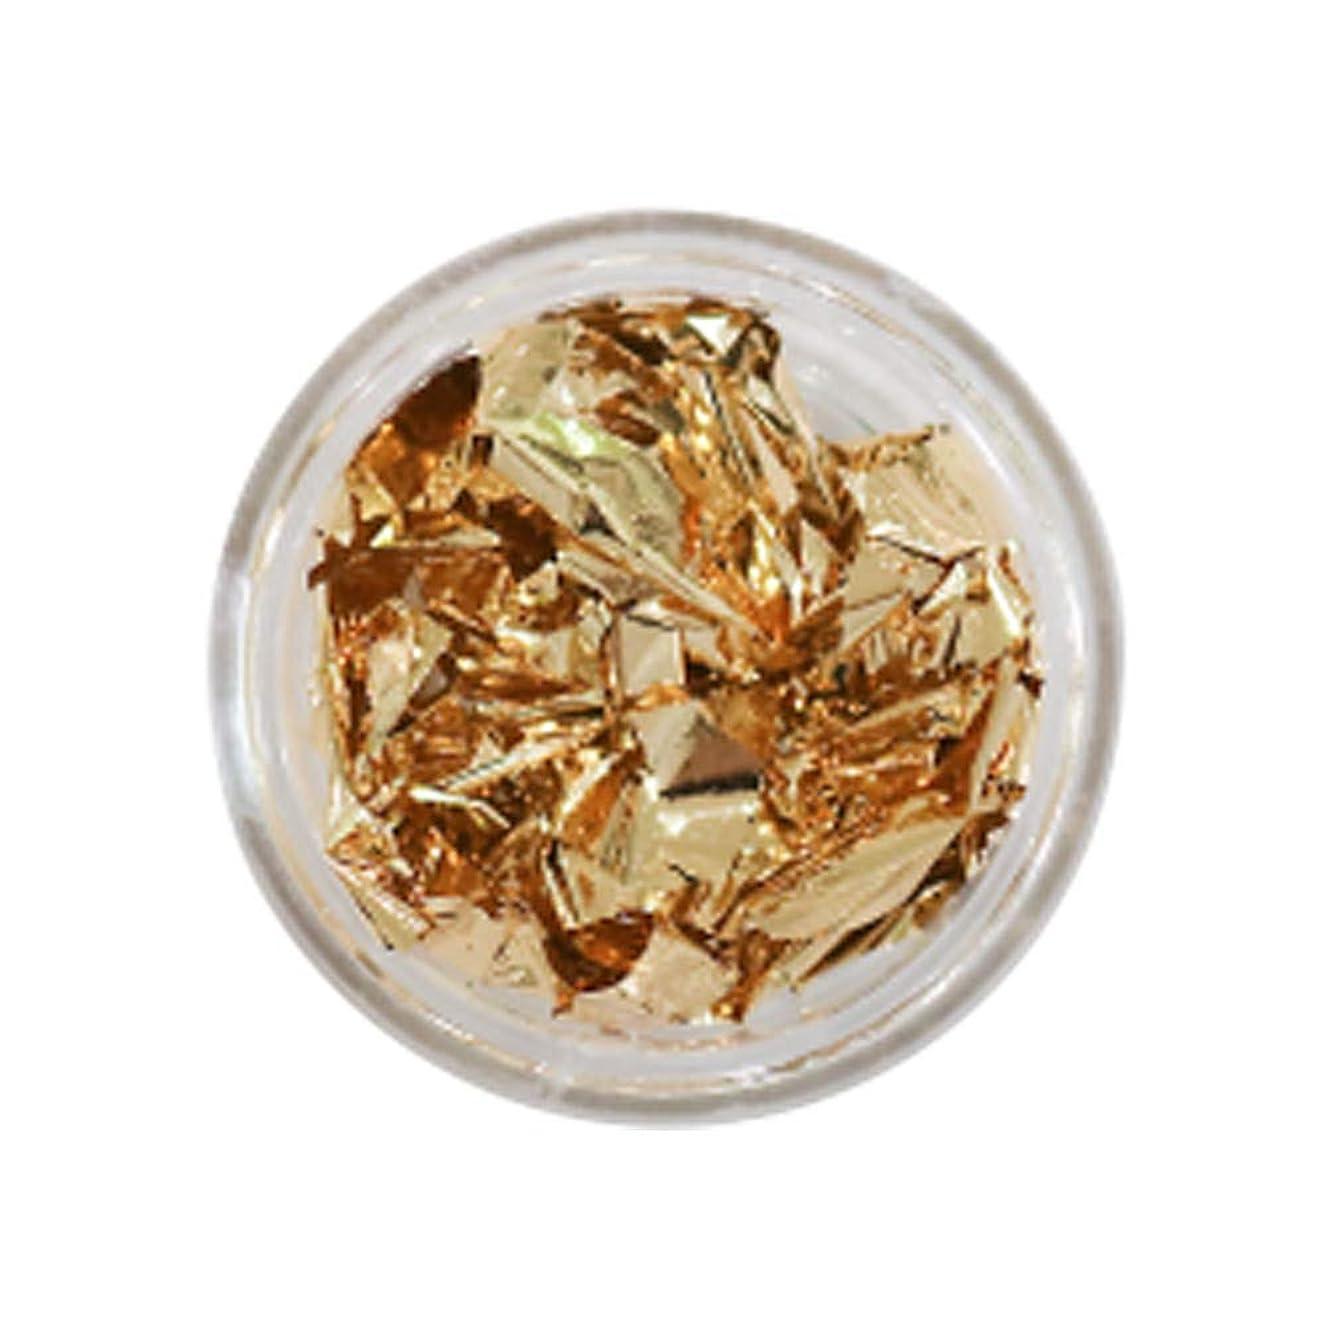 適用済み考案する予備Bonnail(ボンネイル) 箔セレクション サンセットゴールド